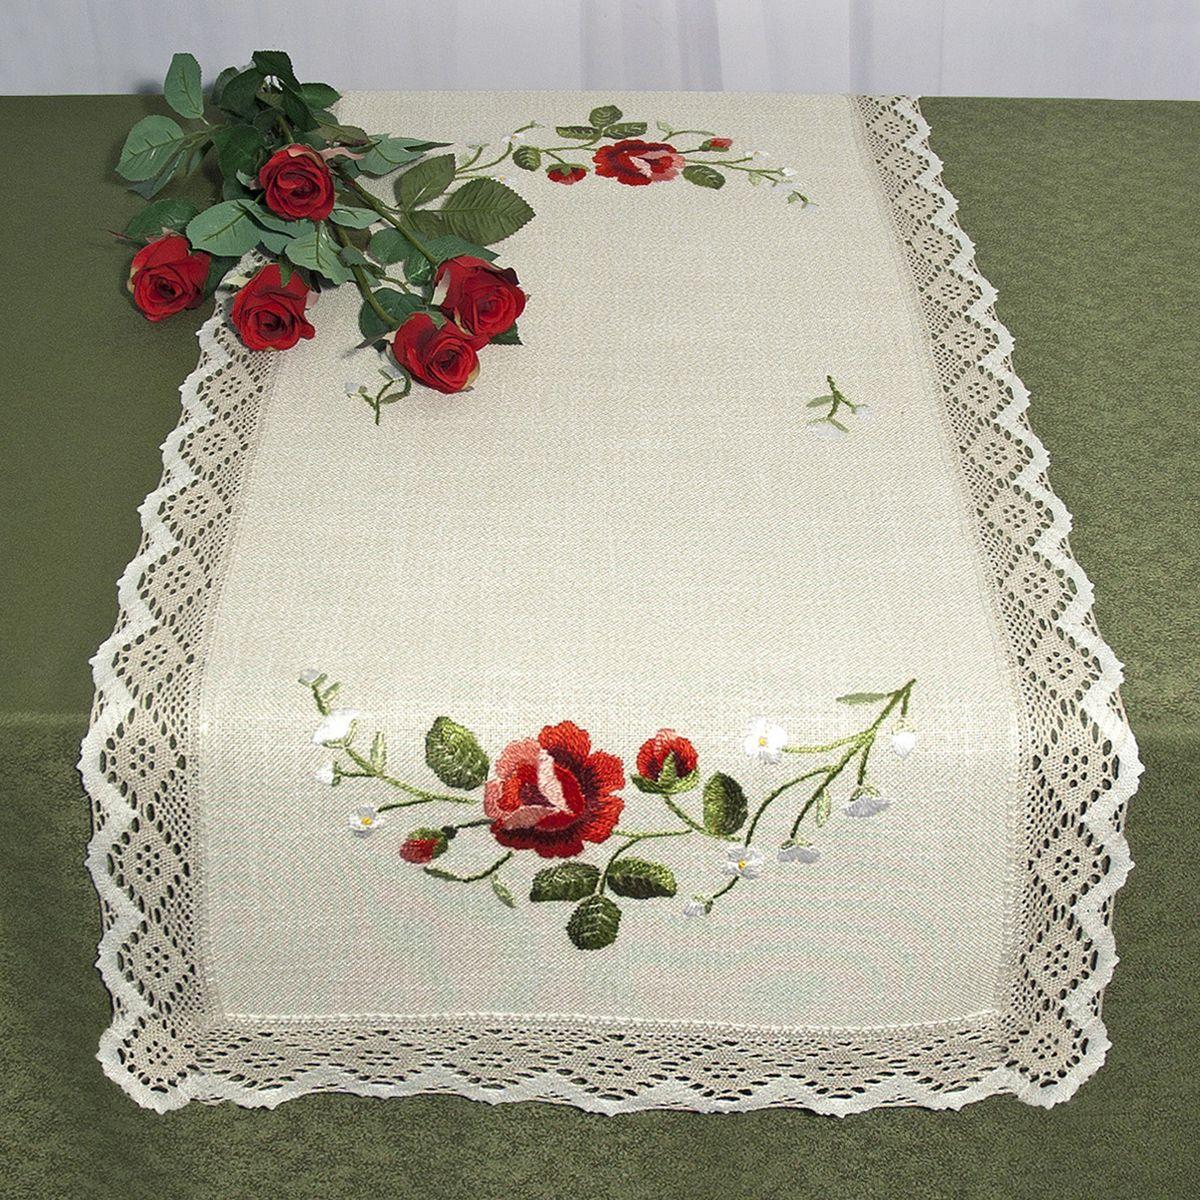 Дорожка для декорирования стола Schaefer, прямоугольная, цвет: бежевый, красный, 50 x 100 см 6400/3906400/390 -50*100Прямоугольная дорожка Schaefer изготовлена из высококачественного полиэстера и оформлена по краю отделочной тесьмой. Фактура ткани выполнена под натуральный лен, вышивка ручная. Вы можете использовать дорожку для декорирования стола, комода или журнального столика.Благодаря такой дорожке вы защитите поверхность мебели от воды, пятен и механических воздействий, а также создадите атмосферу уюта и домашнего тепла в интерьере вашей квартиры. Изделия из искусственных волокон легко стирать: они не мнутся, не садятся и быстро сохнут, они более долговечны, чем изделия из натуральных волокон. Изысканный текстиль от немецкой компании Schaefer - это красота, стиль и уют в вашем доме. Дорожка органично впишется в интерьер любого помещения, а оригинальный дизайн удовлетворит даже самый изысканный вкус. Дарите себе и близким красоту каждый день!